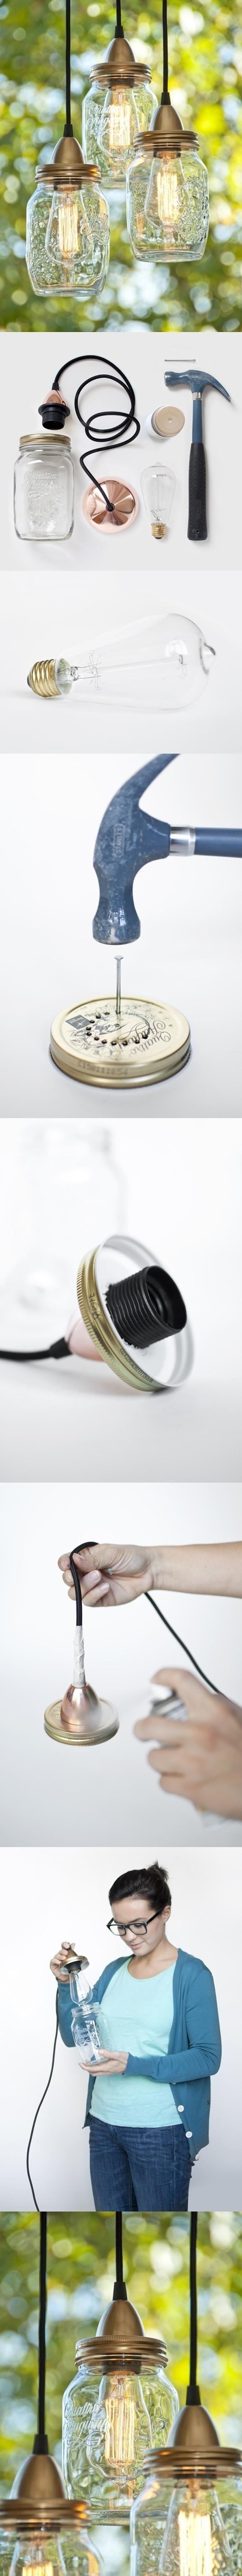 Bekijk de foto van wendyvwy met als titel Zelfmaak lamp van een glazen pot en andere inspirerende plaatjes op Welke.nl.